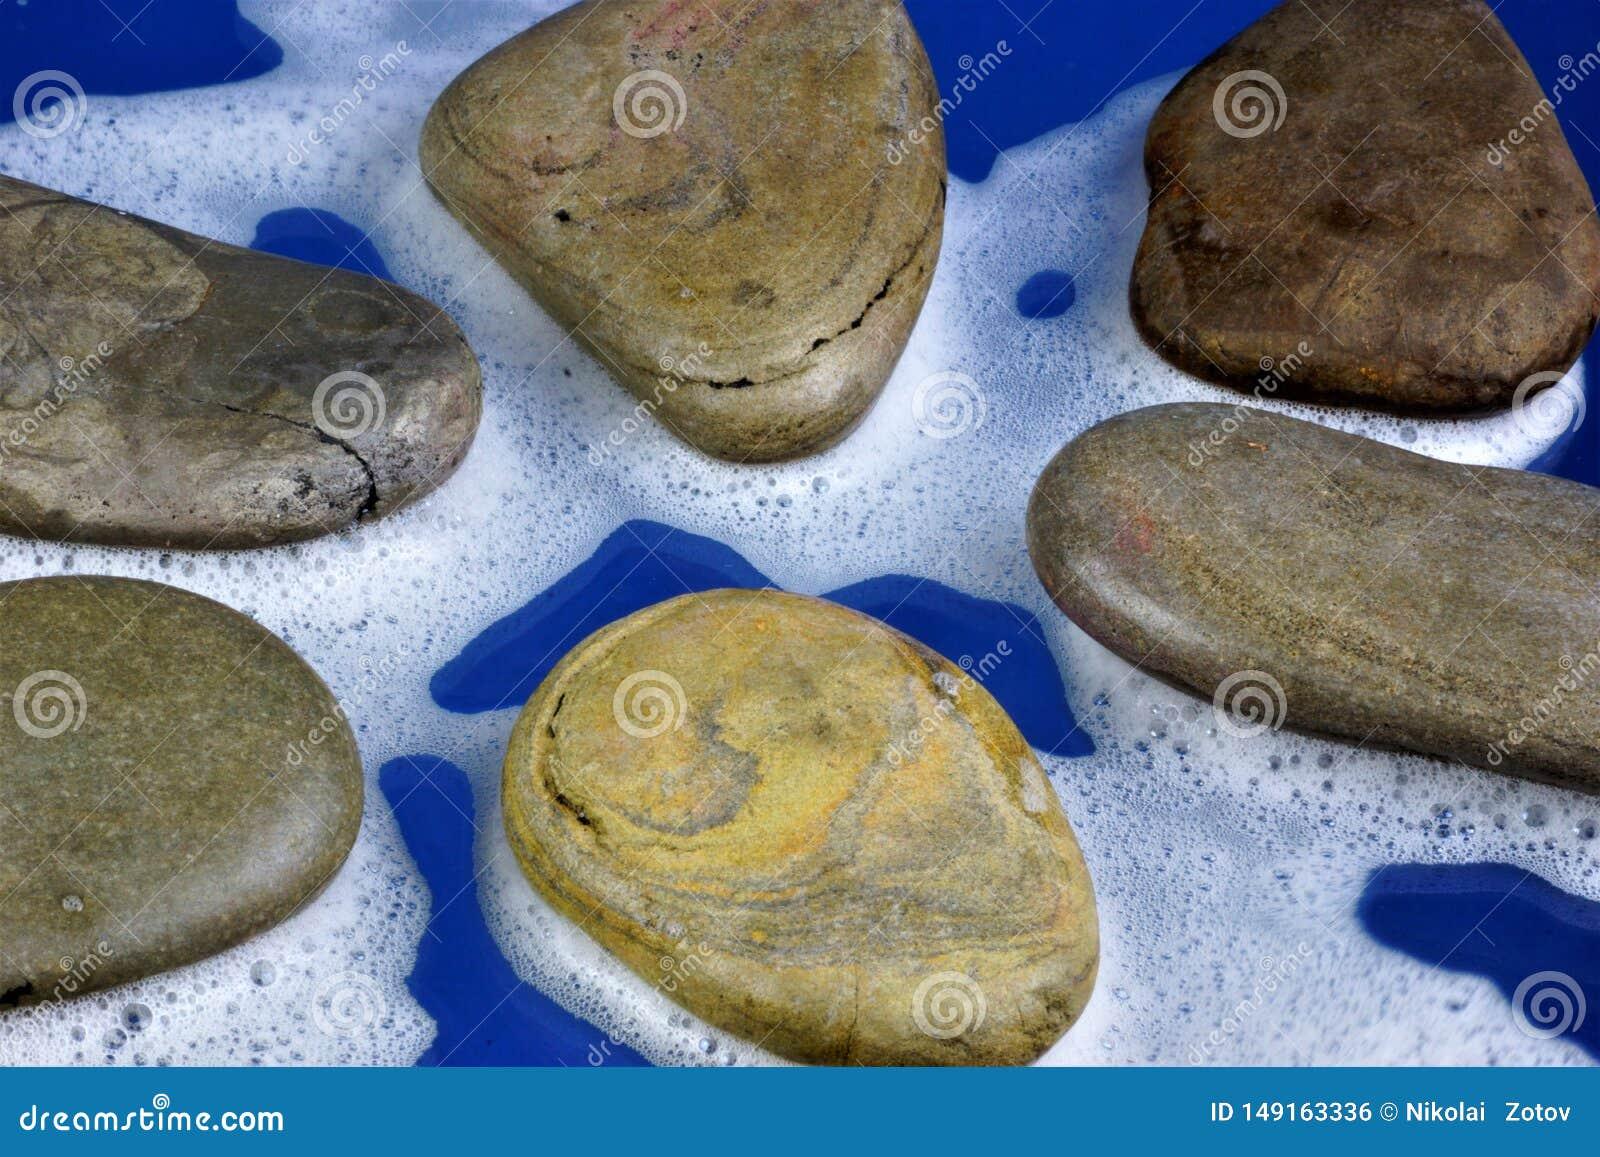 Piedras en la espuma blanca, fragmentos agua-mojados del mar de piedras del origen natural, en un fondo azul Las piedras se utili